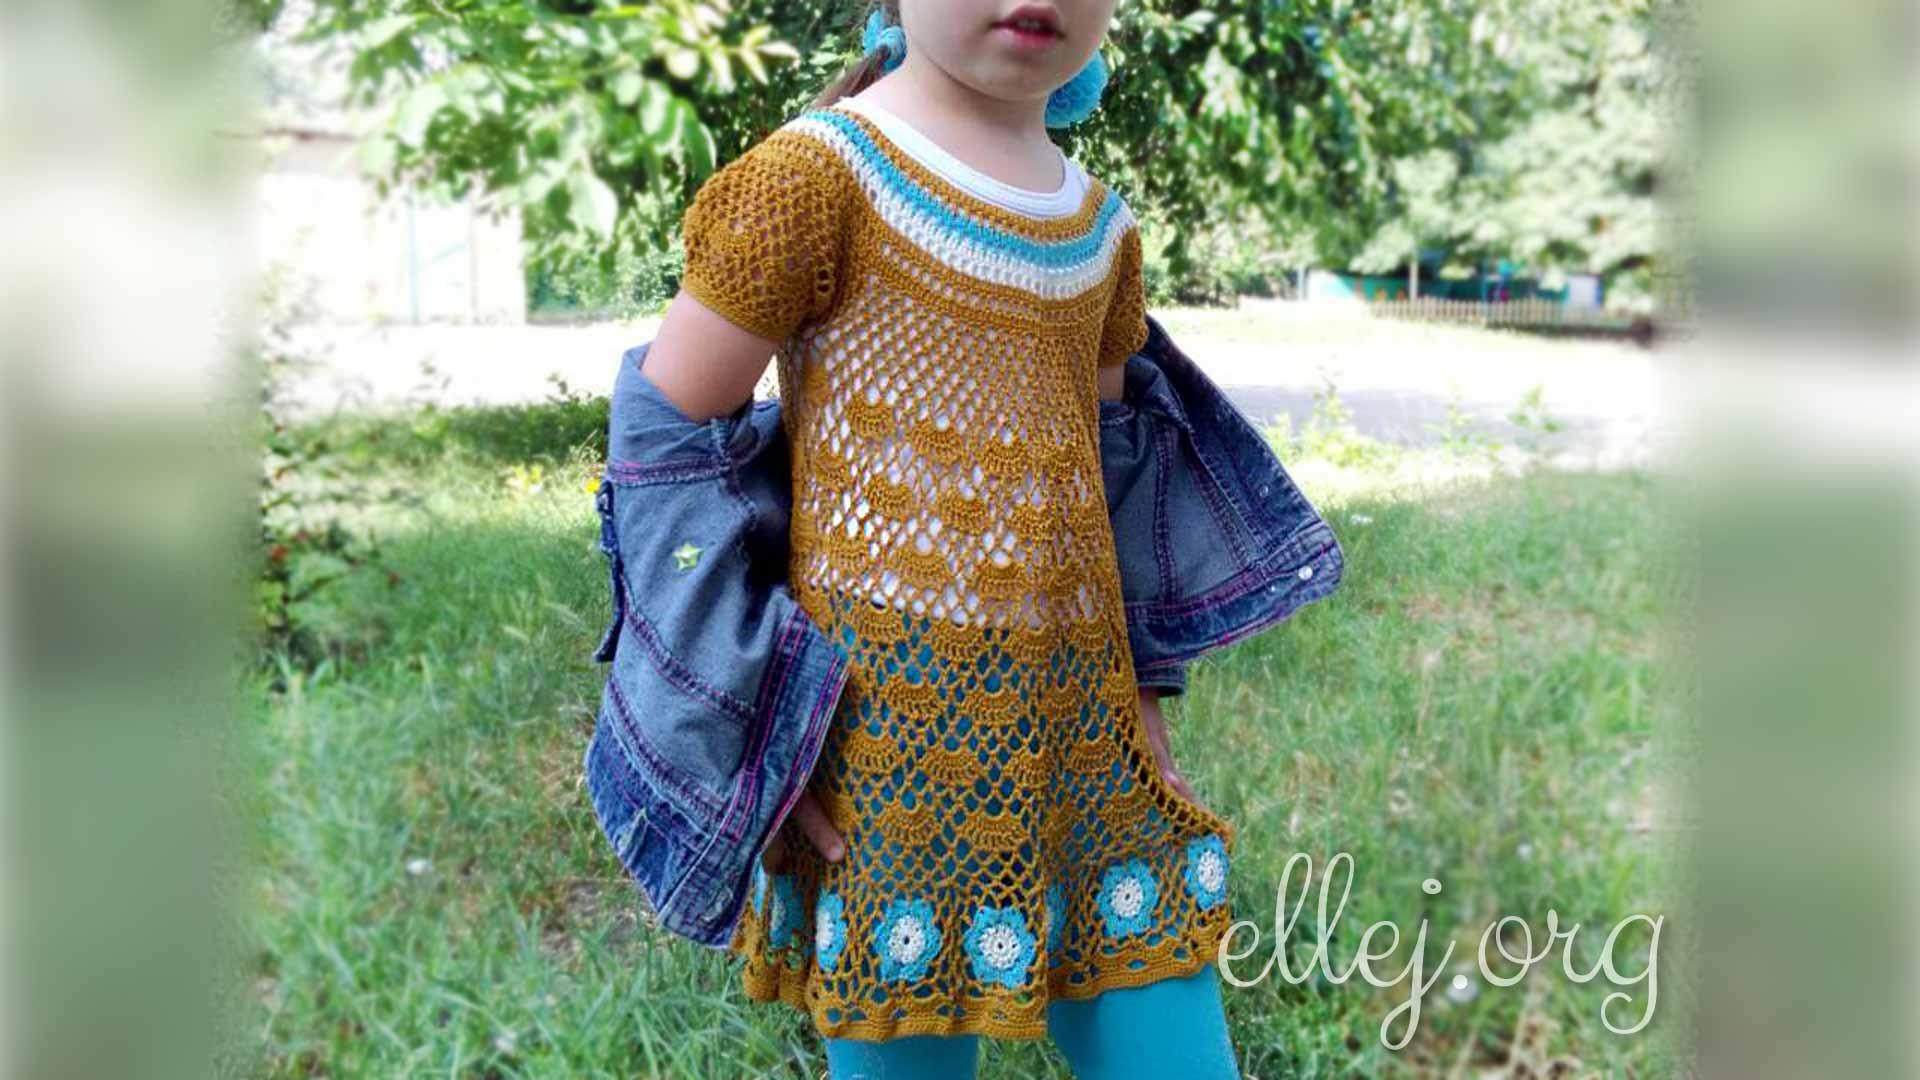 Горчично-голубое платье с мотивами для девочки 3-5 лет